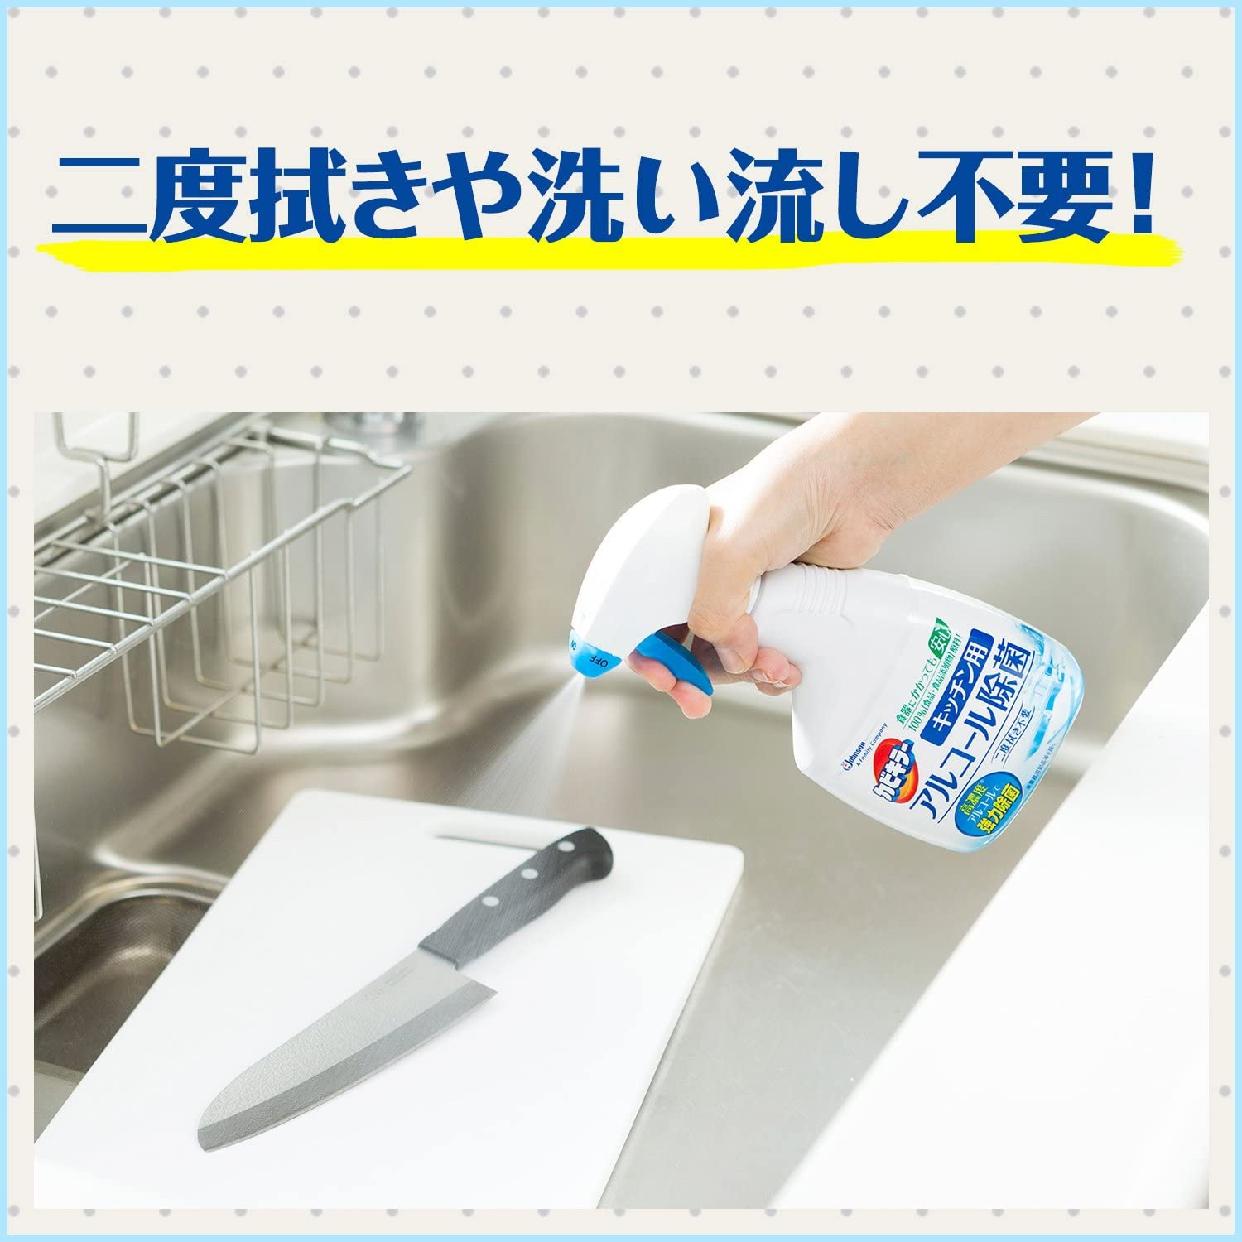 カビキラーアルコール除菌 キッチン用の商品画像4